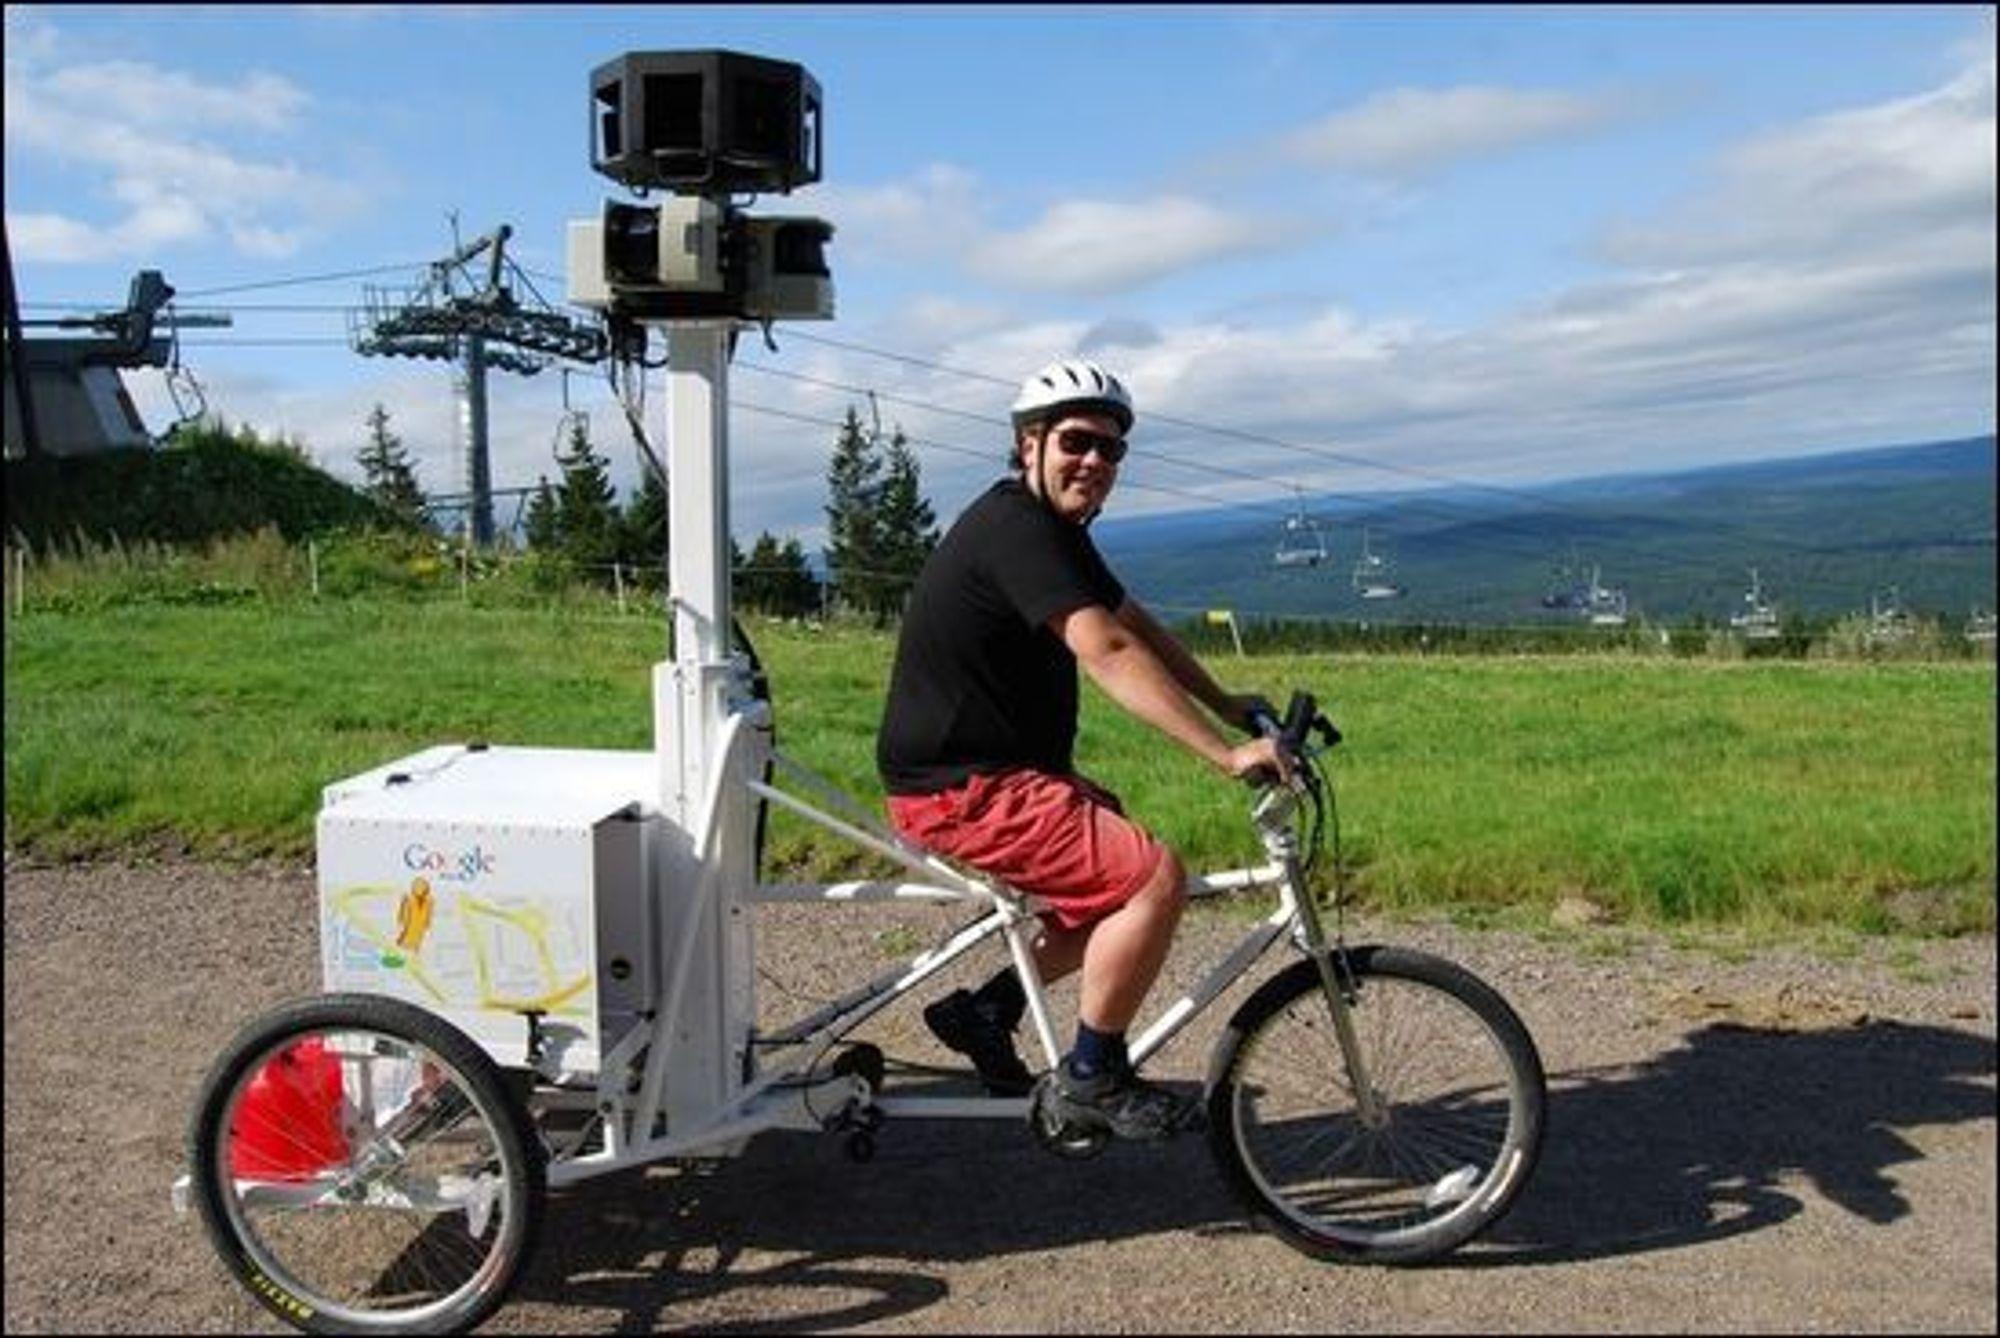 I 2010 syklet Google-ansatte rundt med dette utstyrt i Nordmarka i Oslo.